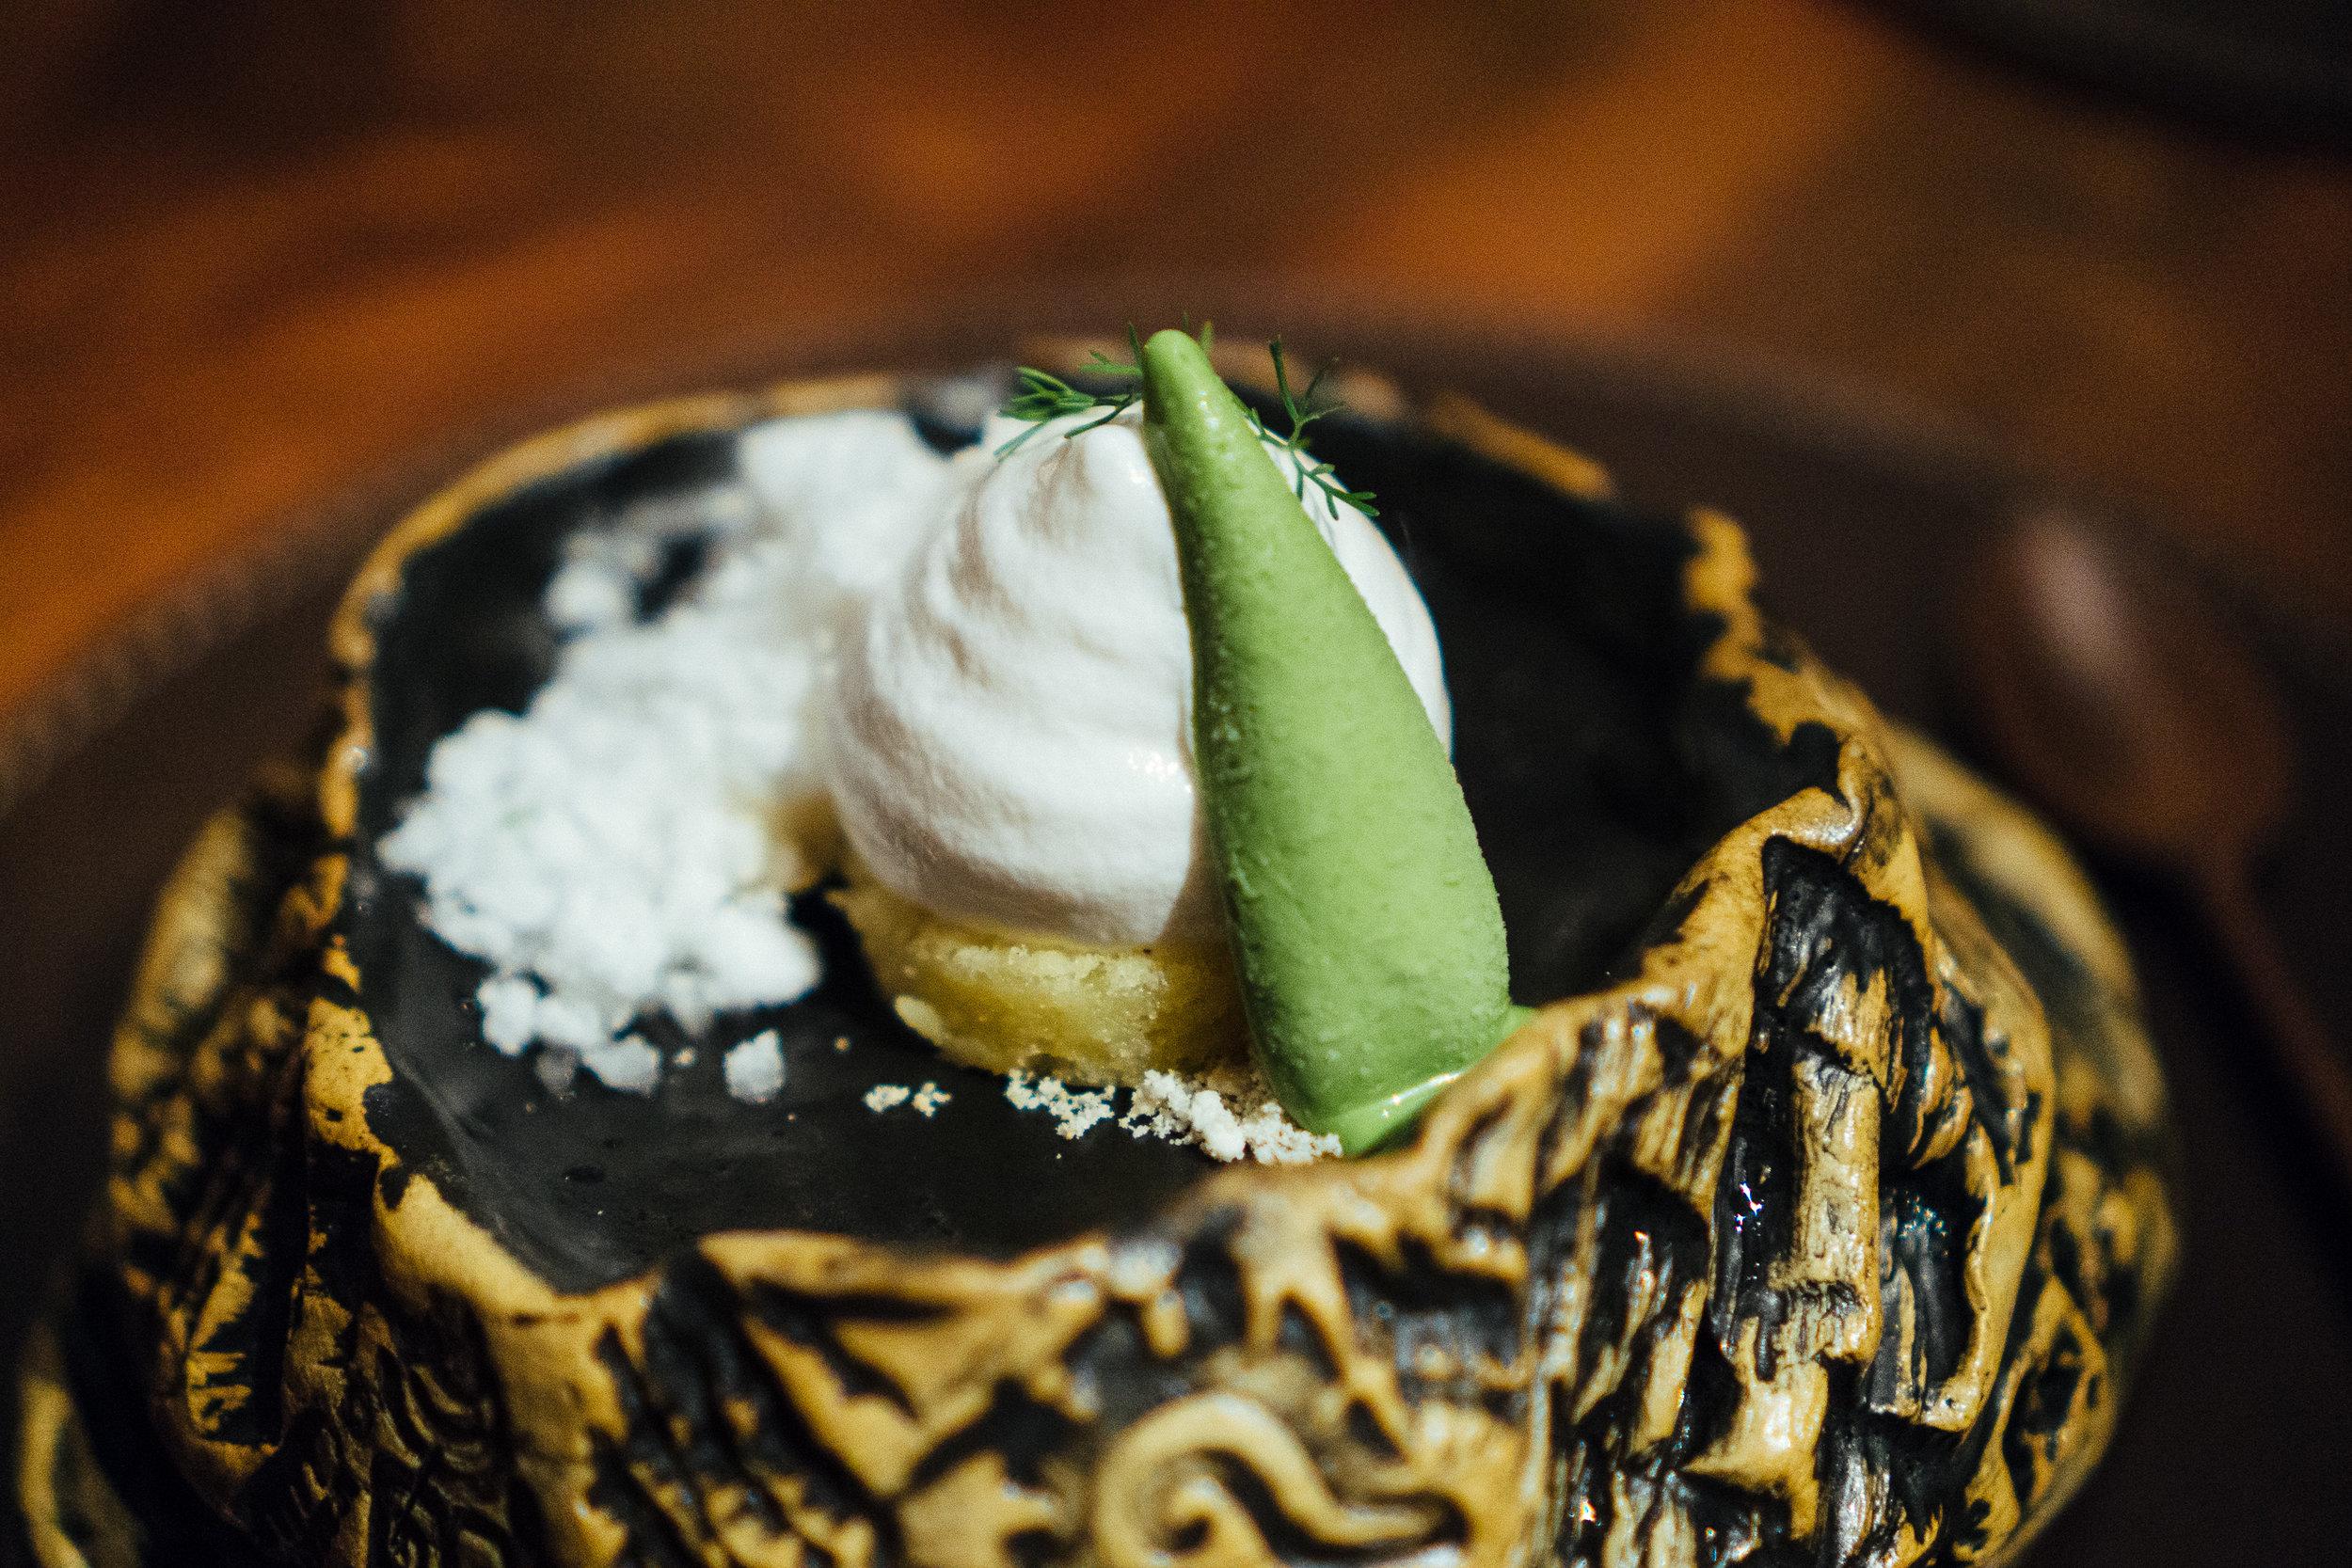 用可可果肉做成的冰霜竟然带着一股淡淡的荔枝的清香。作为一枚在南方长大的妹子,对荔枝的执念竟然可以从可可果肉身上得到解脱。绿色的冰淇淋原料是被称作墨西哥之魂的龙舌兰,配上一支小巧鲜嫩的香菜芽,沁甜之余还有一丝独特的泥土混合青草的气息。